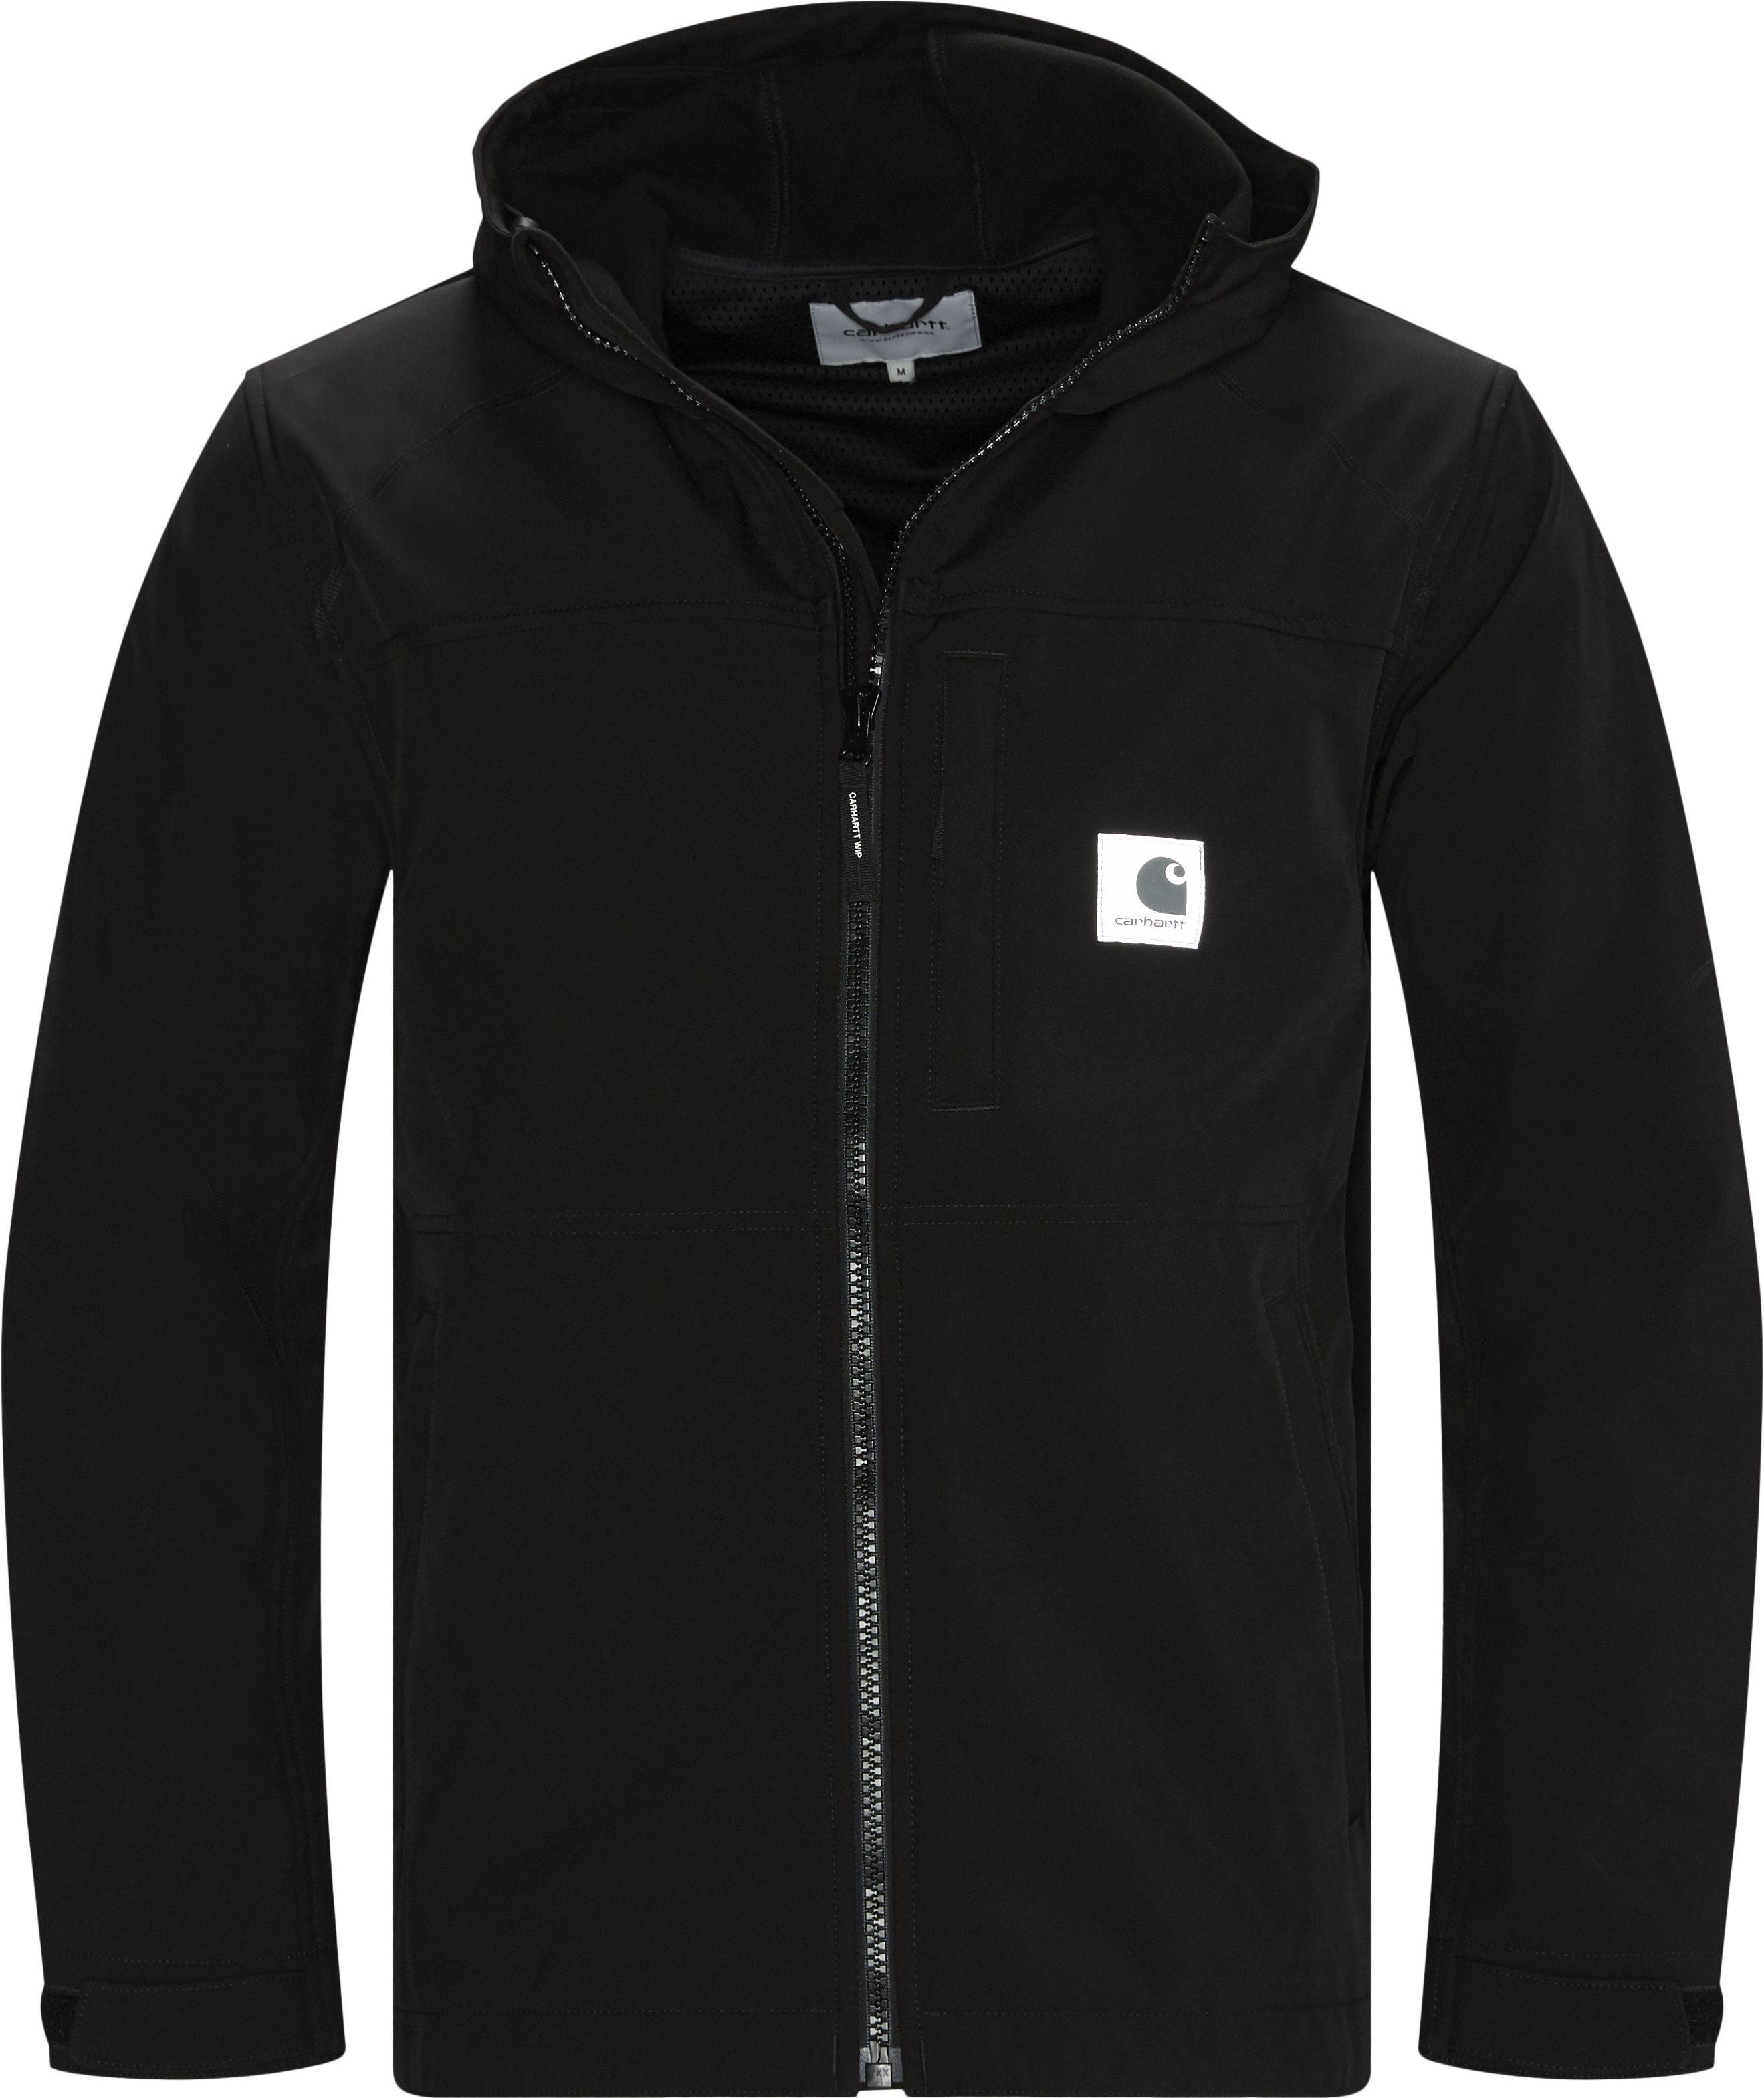 Softshell Jacket  - Jakker - Regular fit - Sort